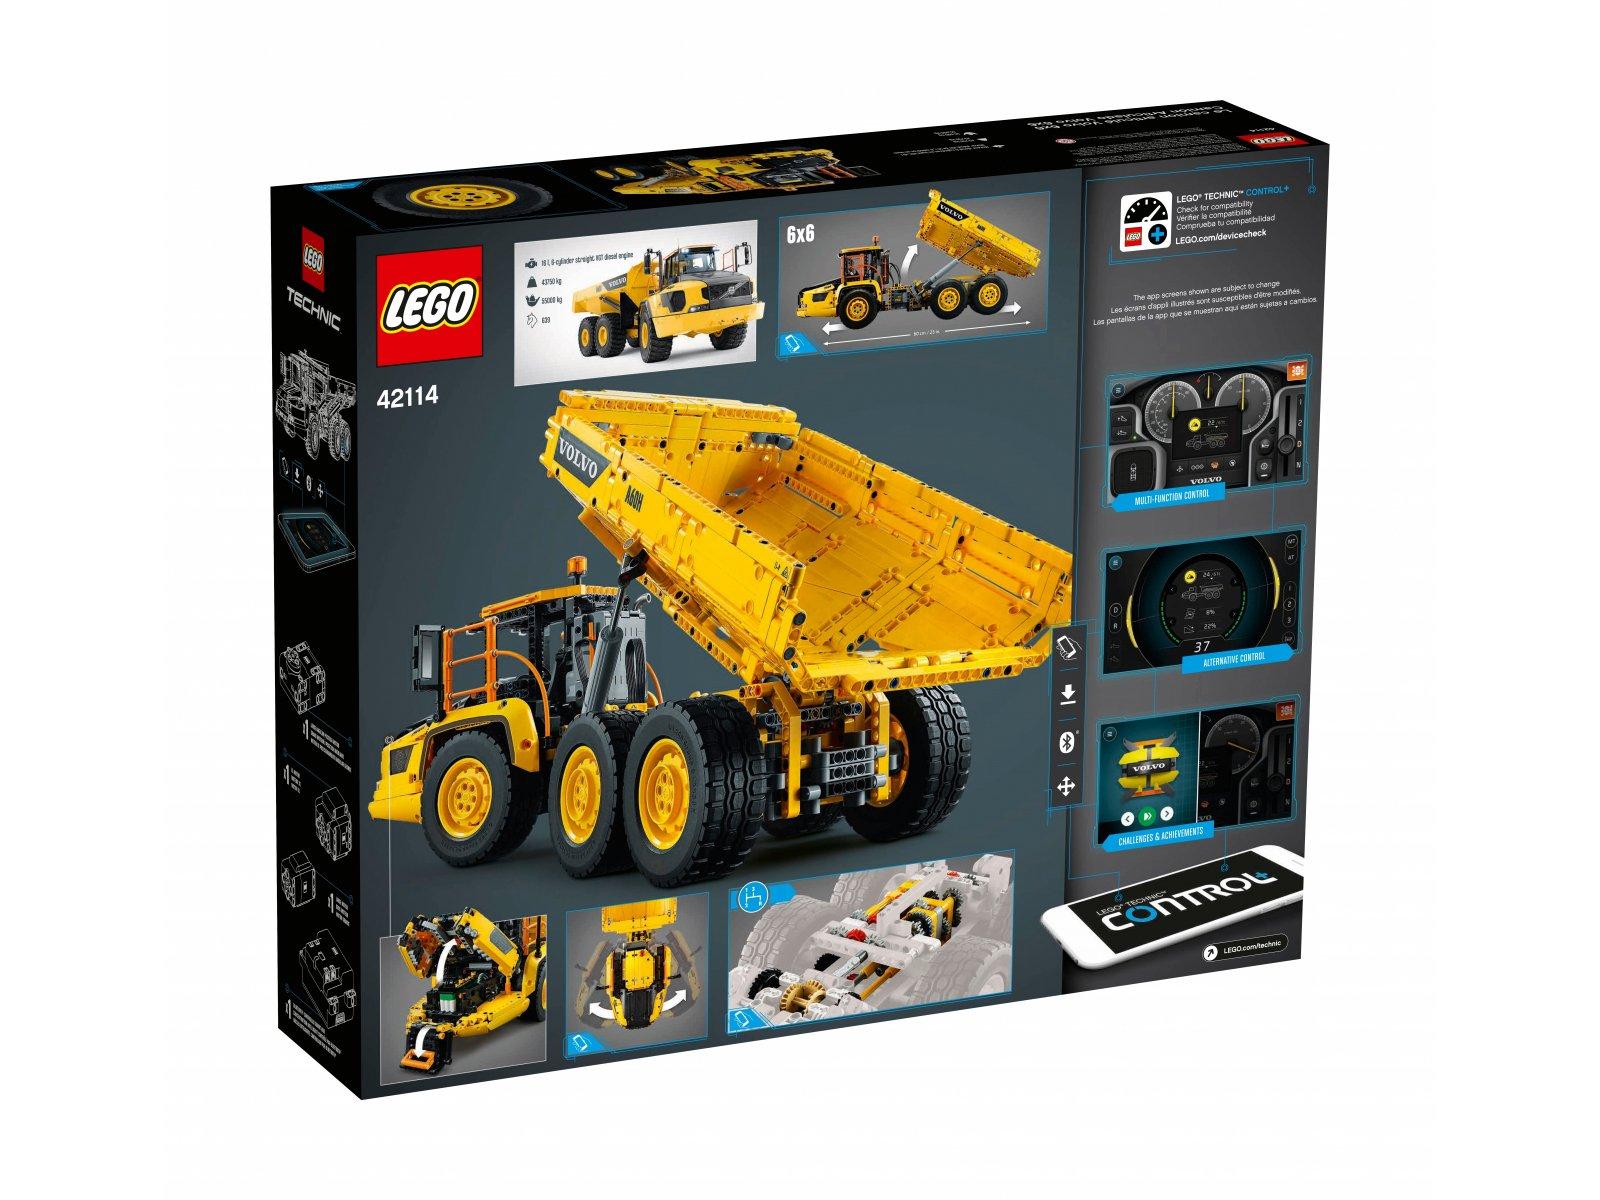 LEGO 42114 Technic Wozidło przegubowe Volvo 6x6